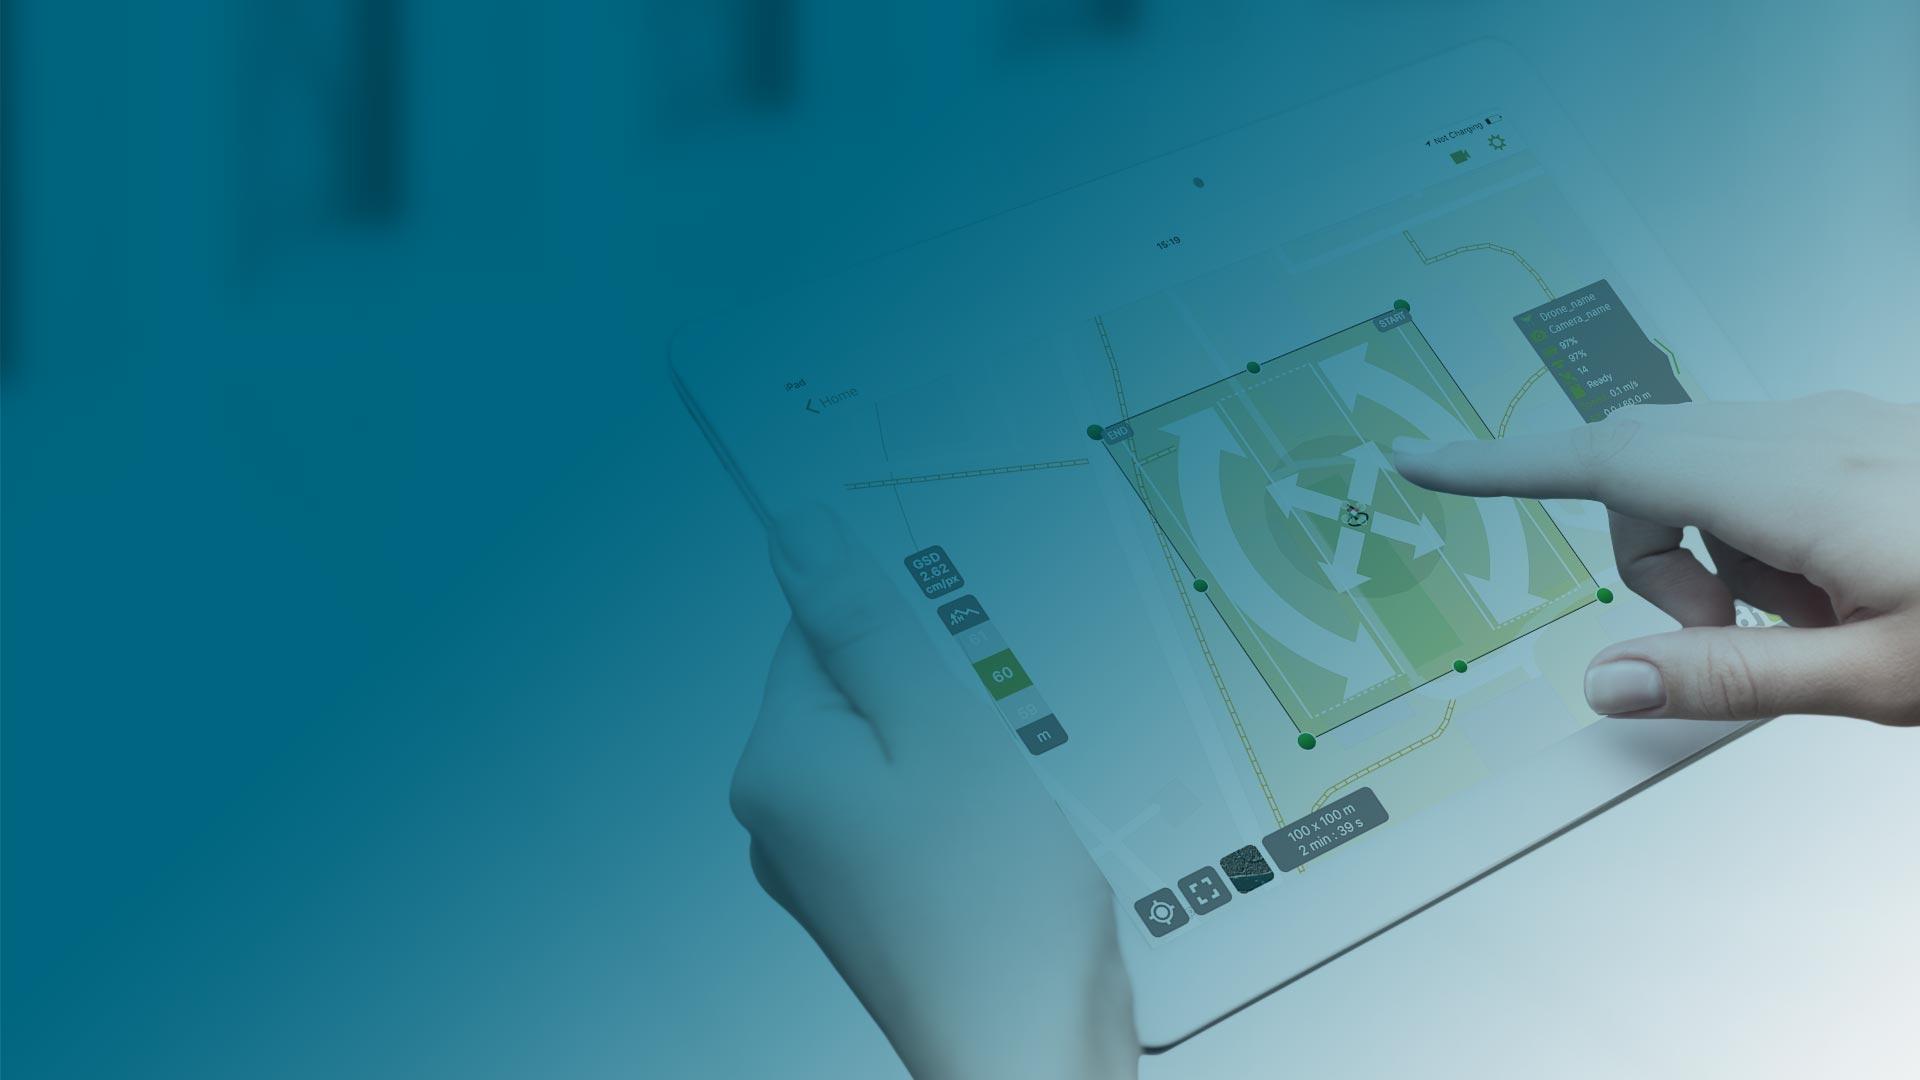 Pix4Dcapture: Free drone flight planning mobile app | Pix4D